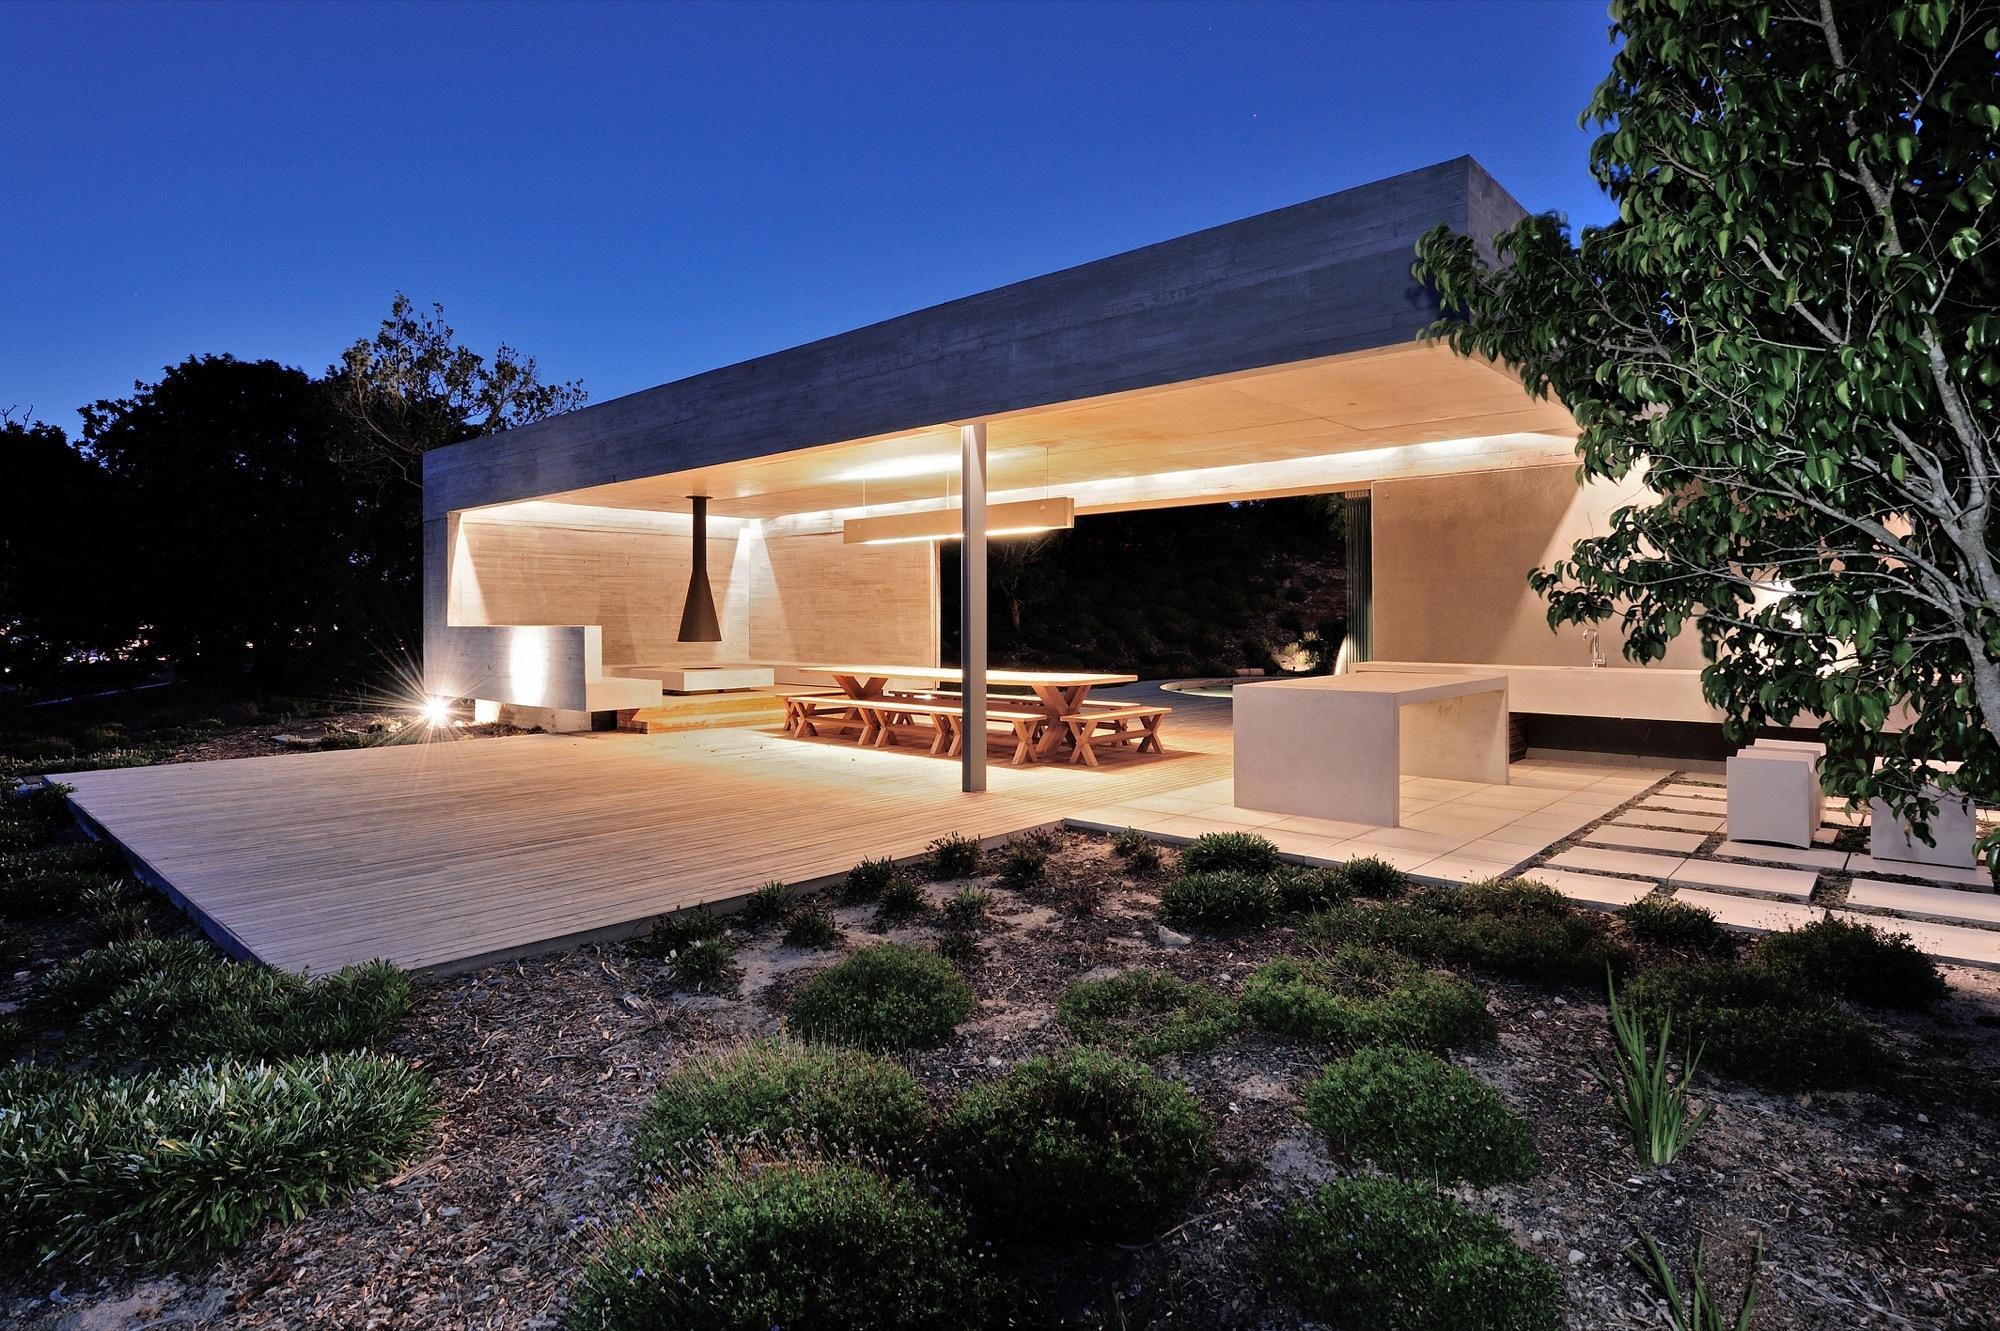 gallery of the midden garden pavilion metropolis design 6. Black Bedroom Furniture Sets. Home Design Ideas